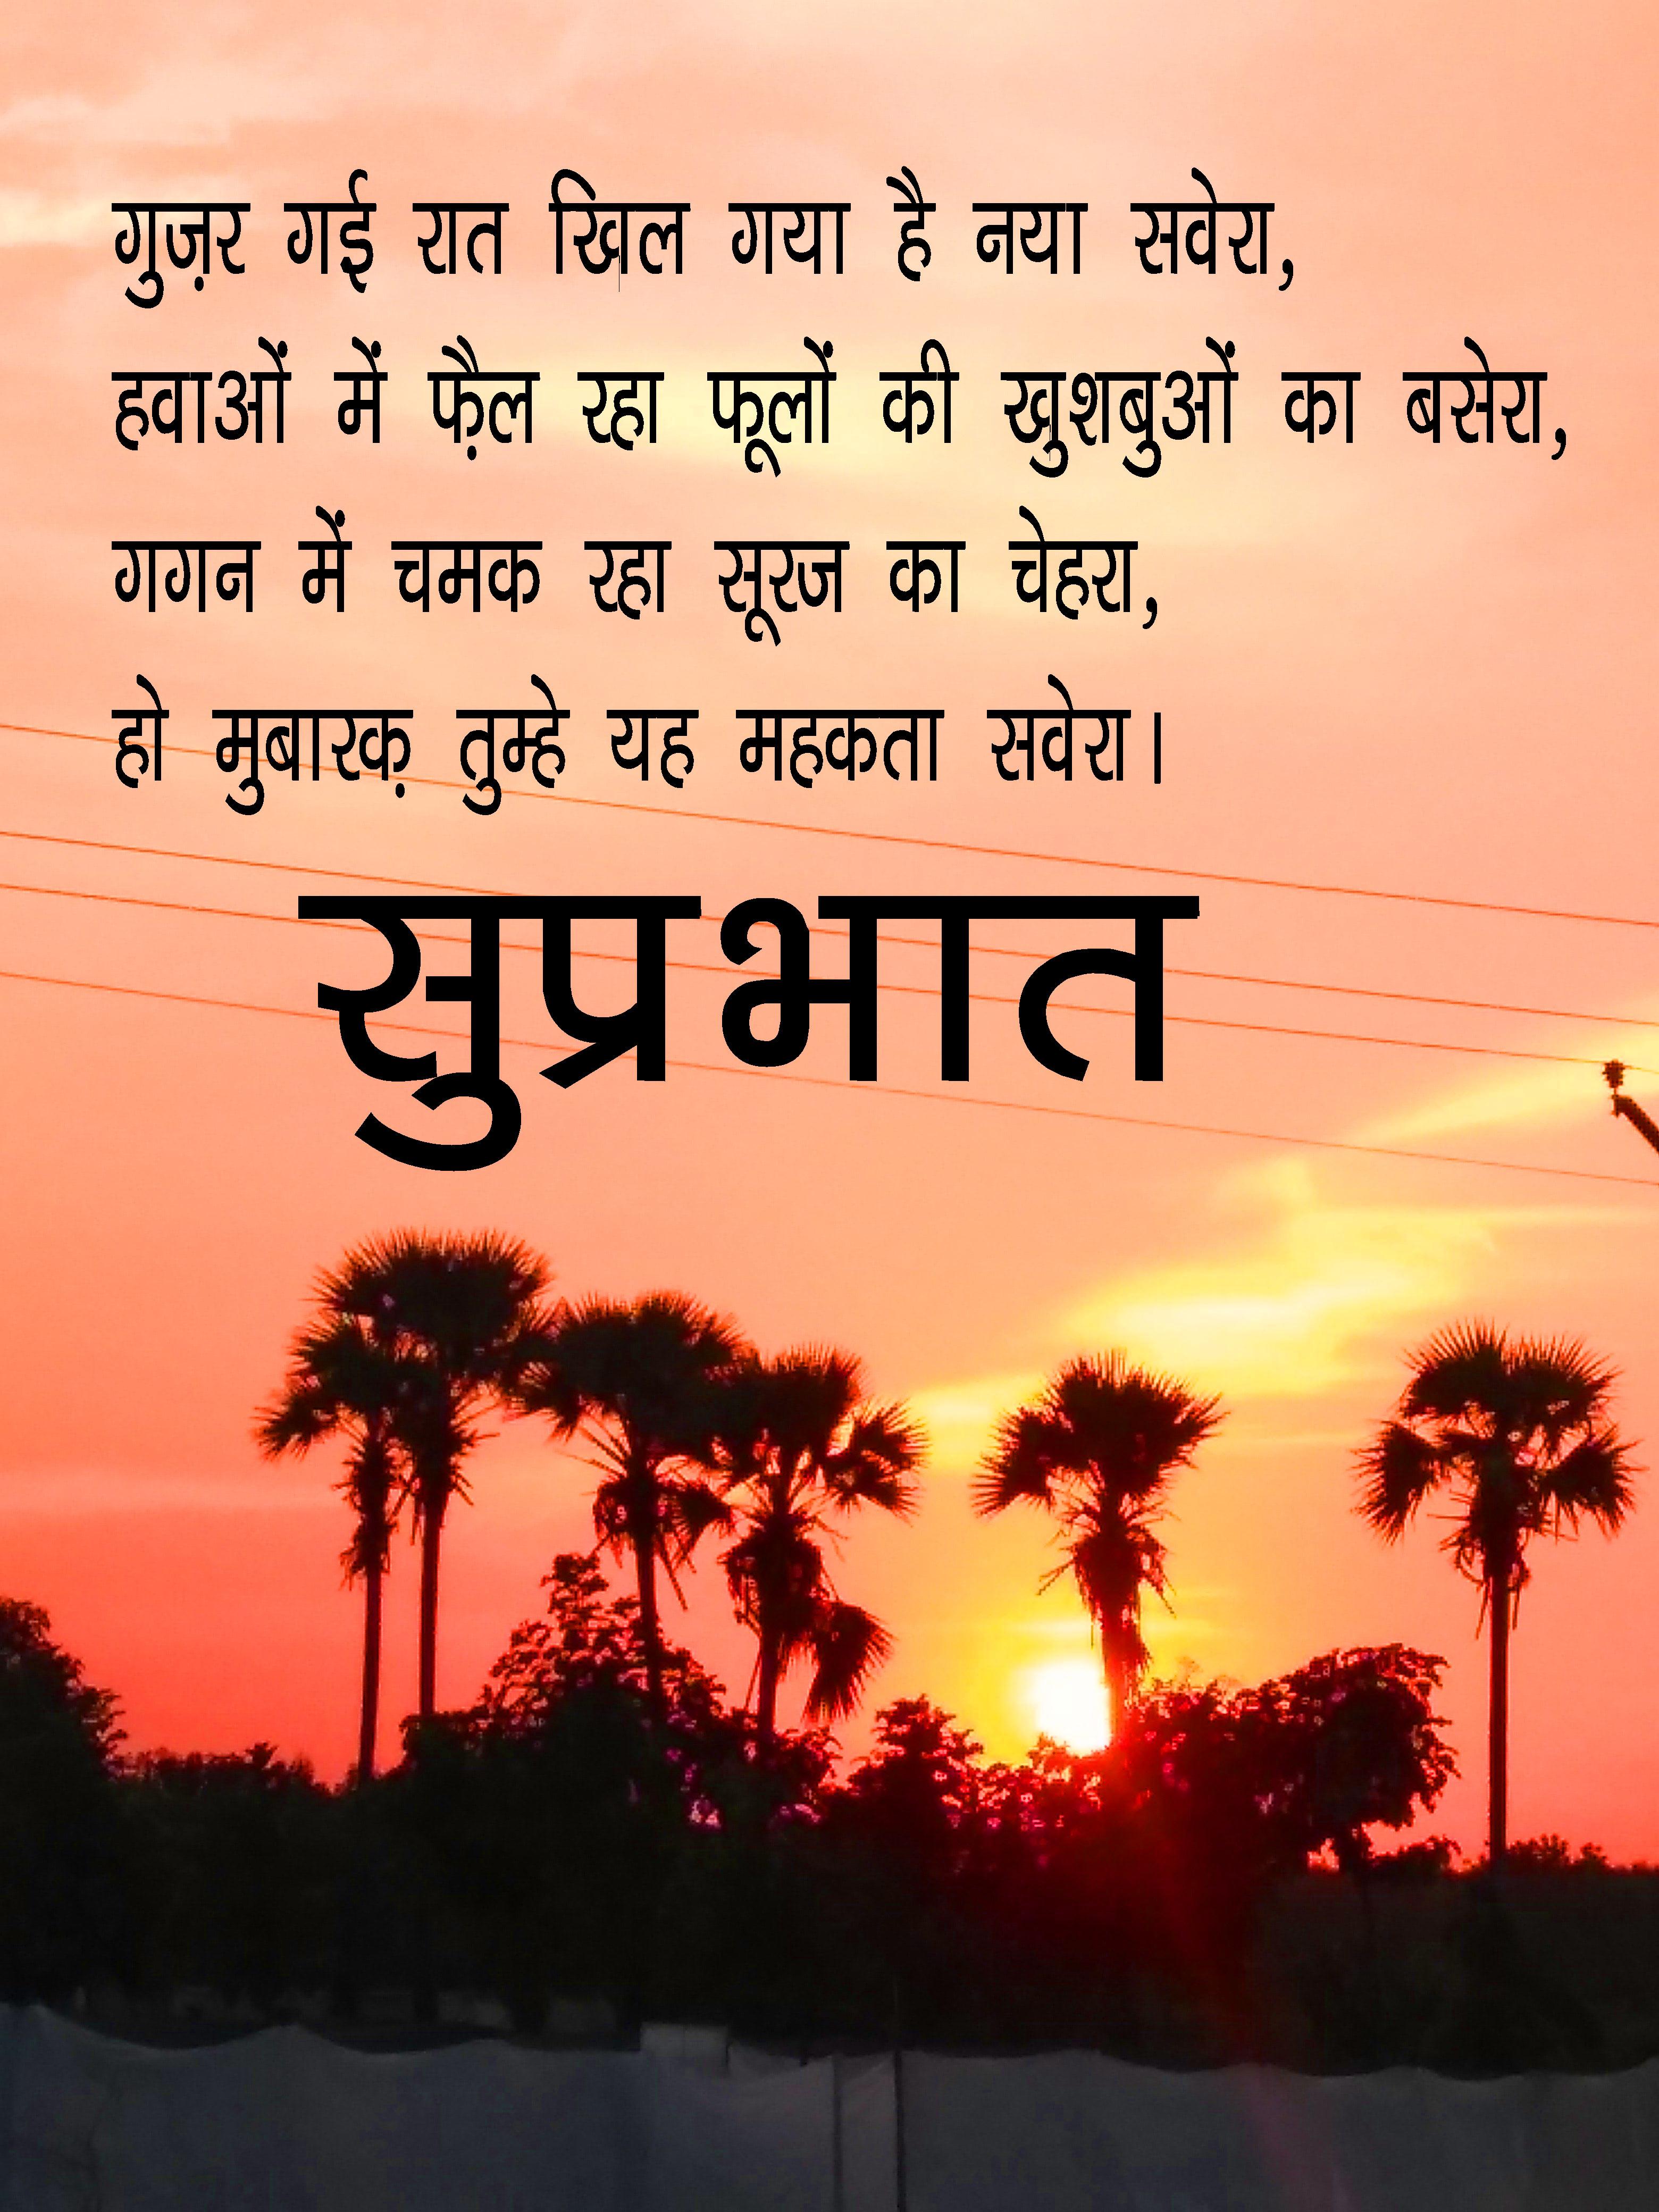 HindiShayari Good Morning Photo Wallpaper HD